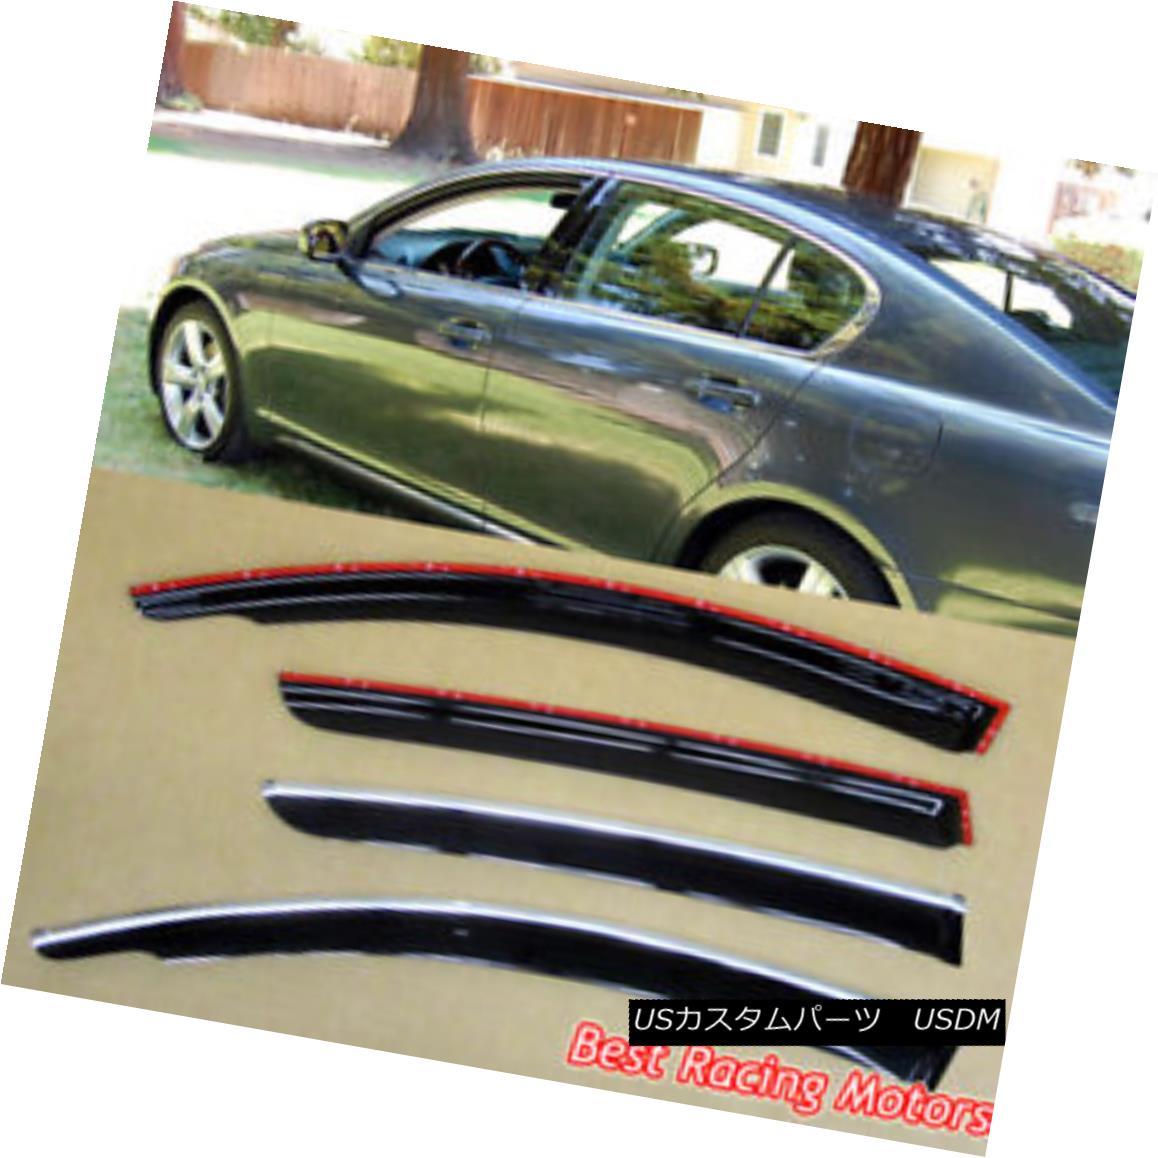 エアロパーツ JDM Style Side Window Visors Fits 06-11 Lexus GS300 GS350 GS430 GS450h GS460 JDMスタイルのサイドウインドウバイザーは06-11に適合するレクサスGS300 GS350 GS430 GS450h GS460